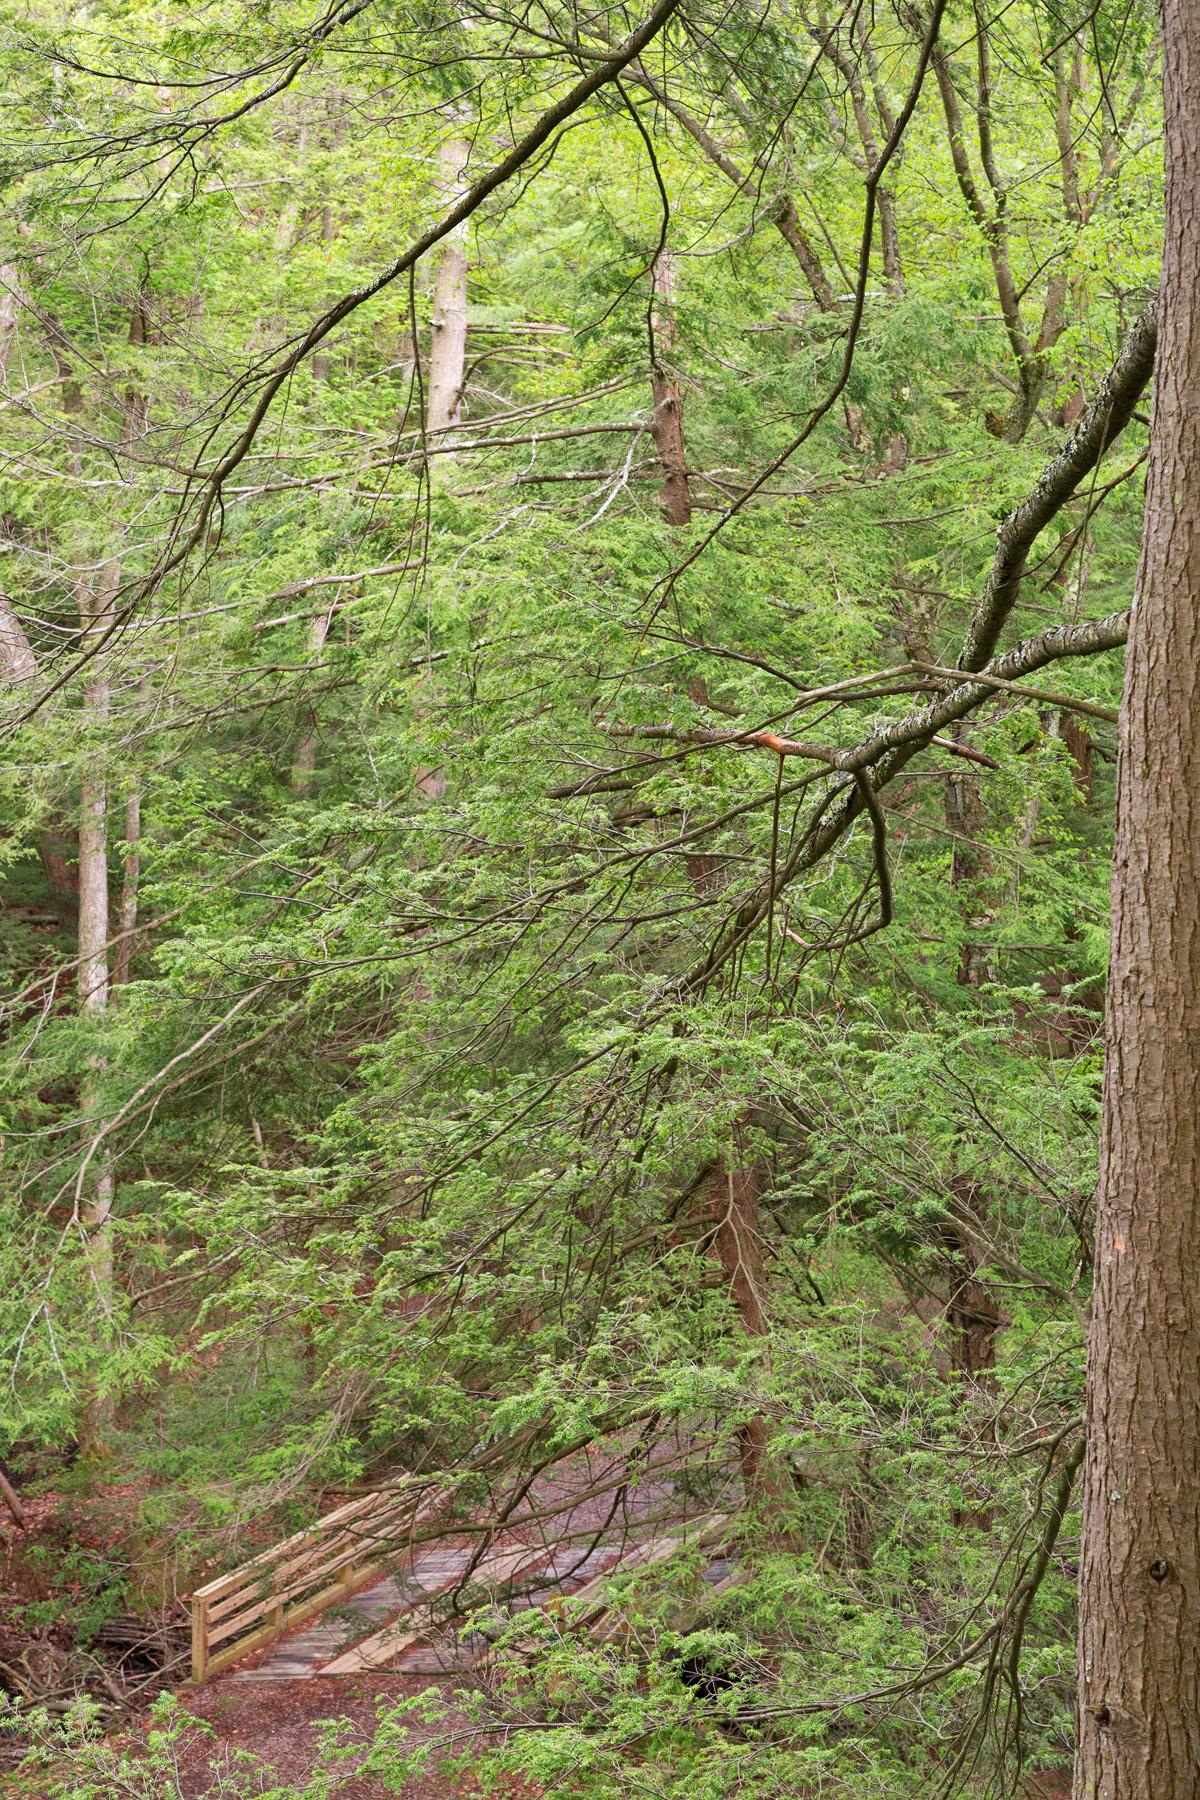 Spring fresh forest vista photo